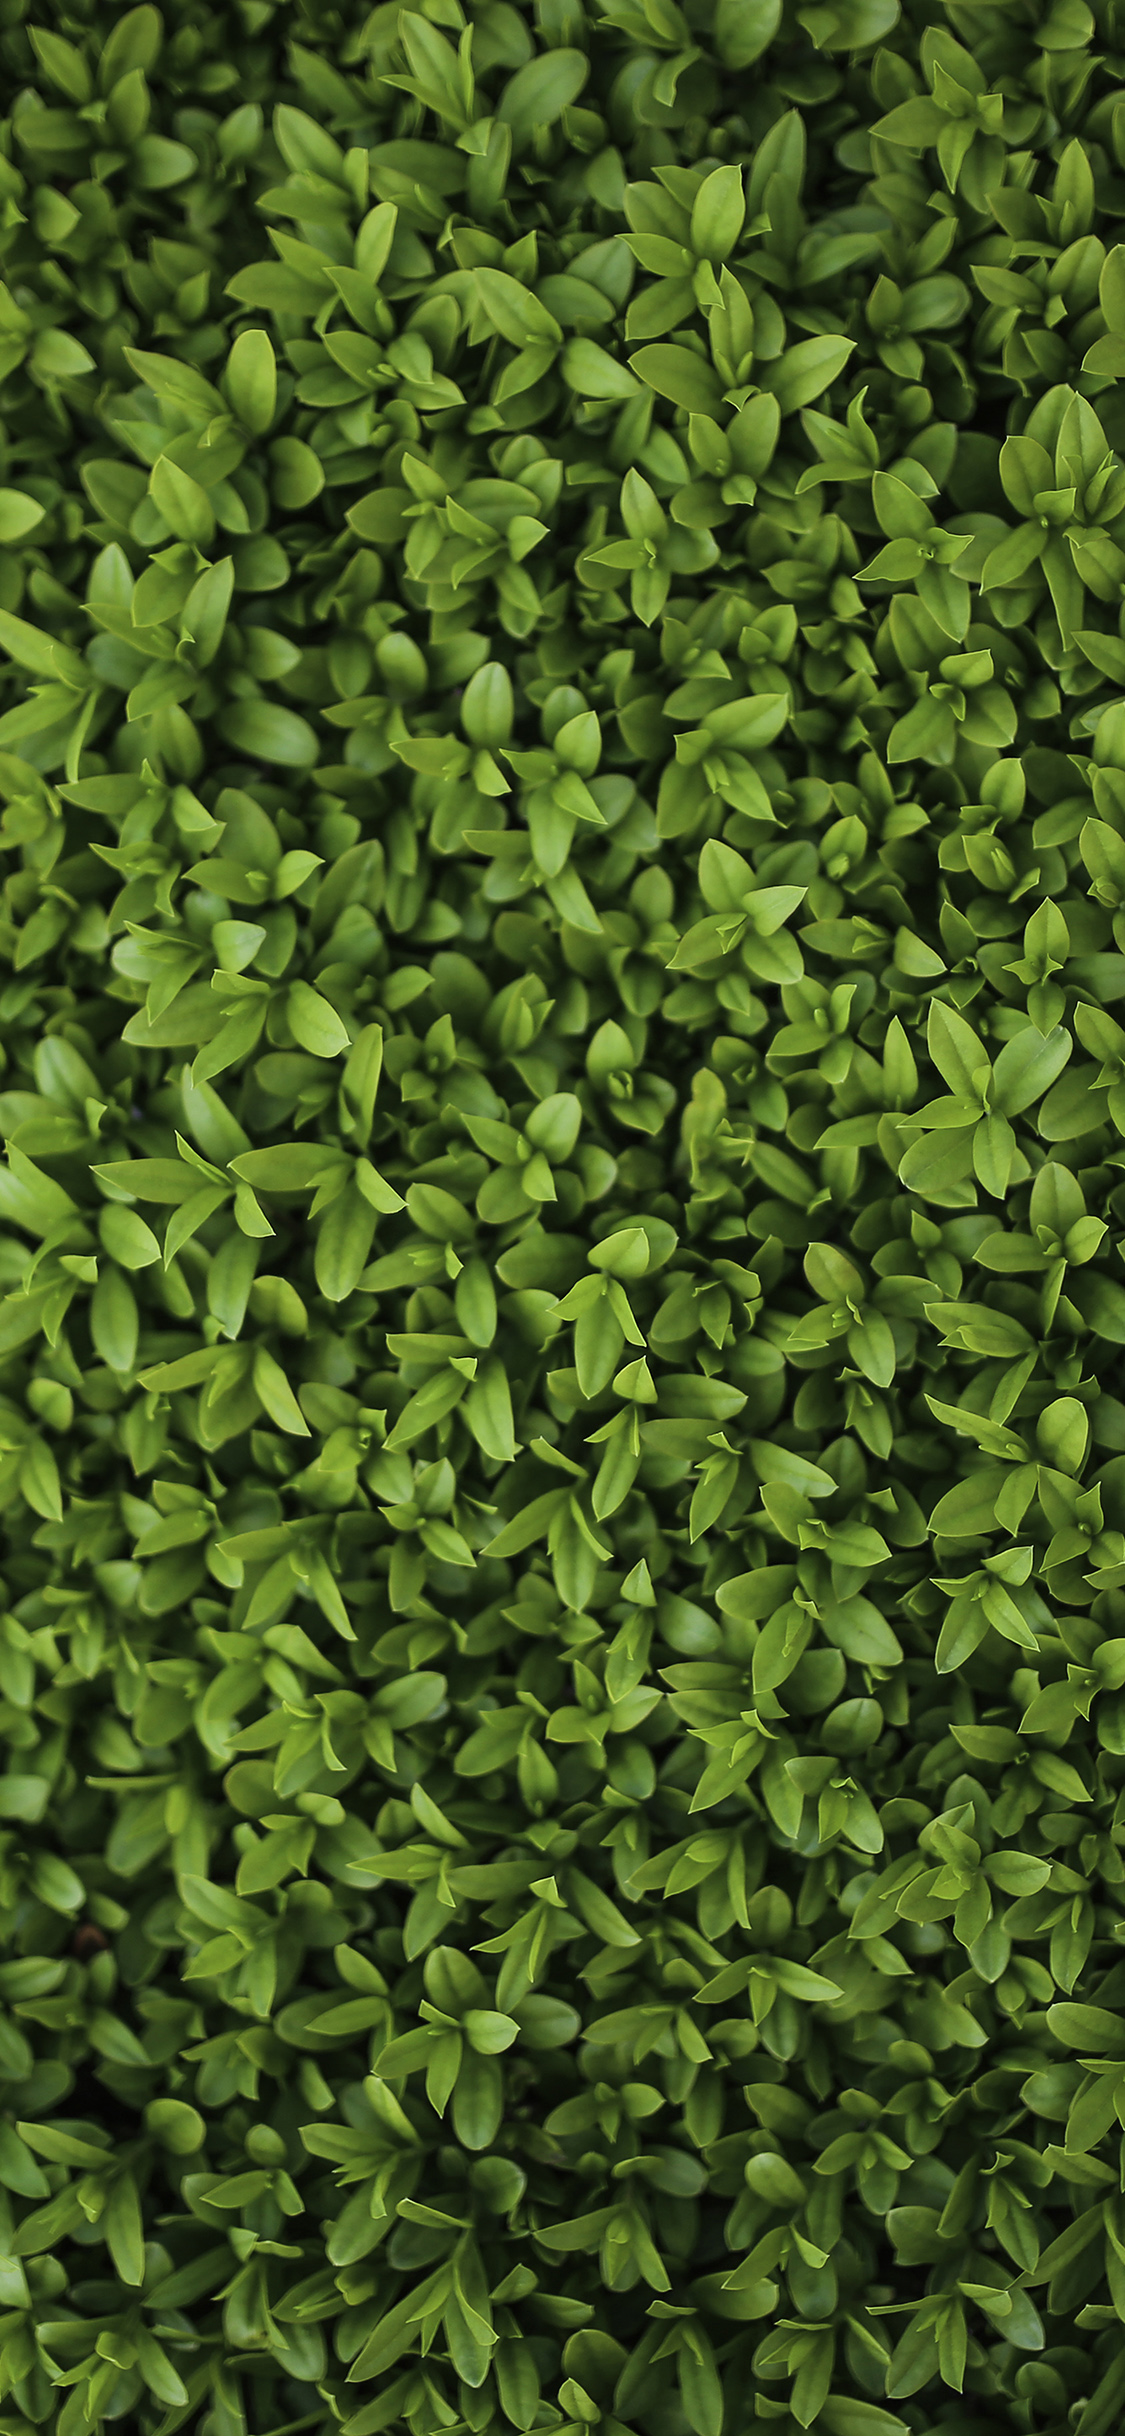 Vk70 Nature Green Leaf Grass Garden Flower Pattern